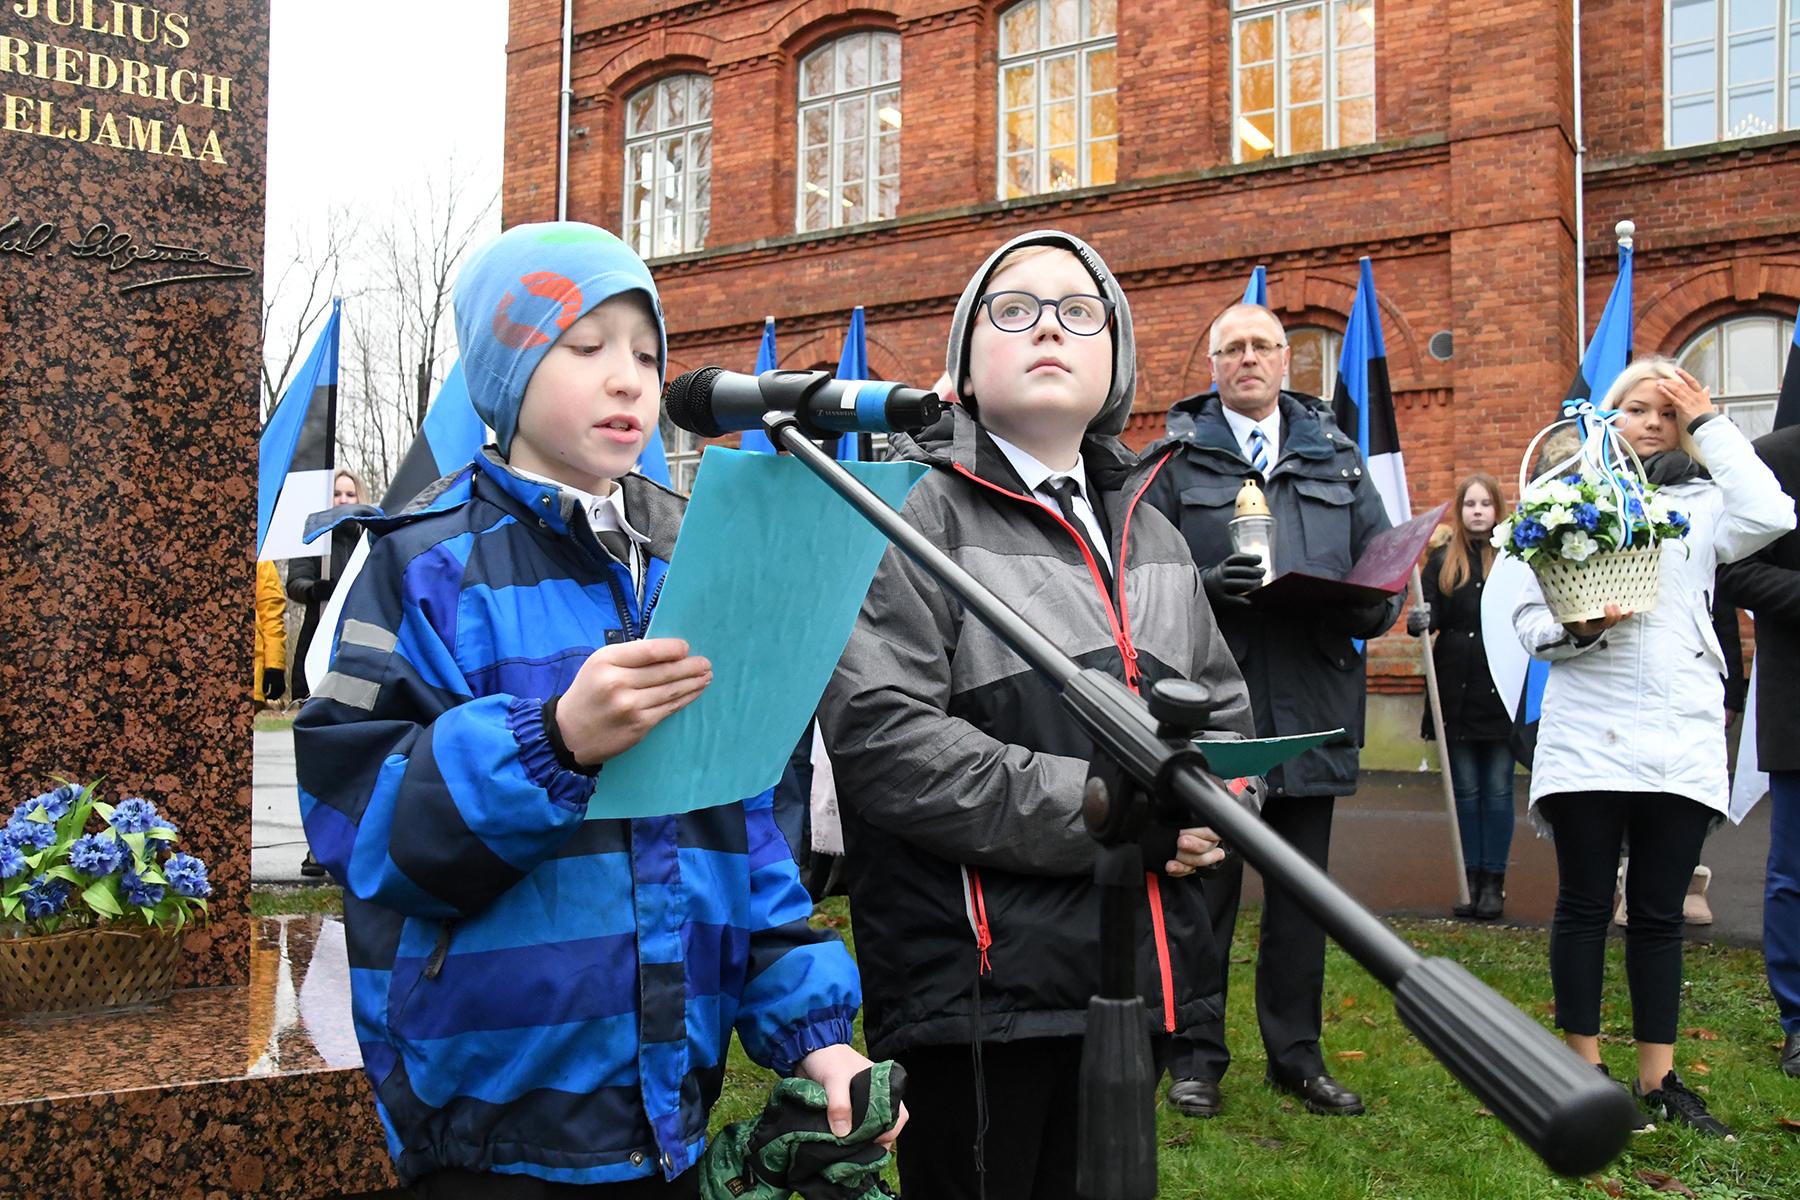 Sindi gümnaasiumi õpilased Sten Eric ja Braian esitavad ajaloolisi fakte. Foto Urmas Saard